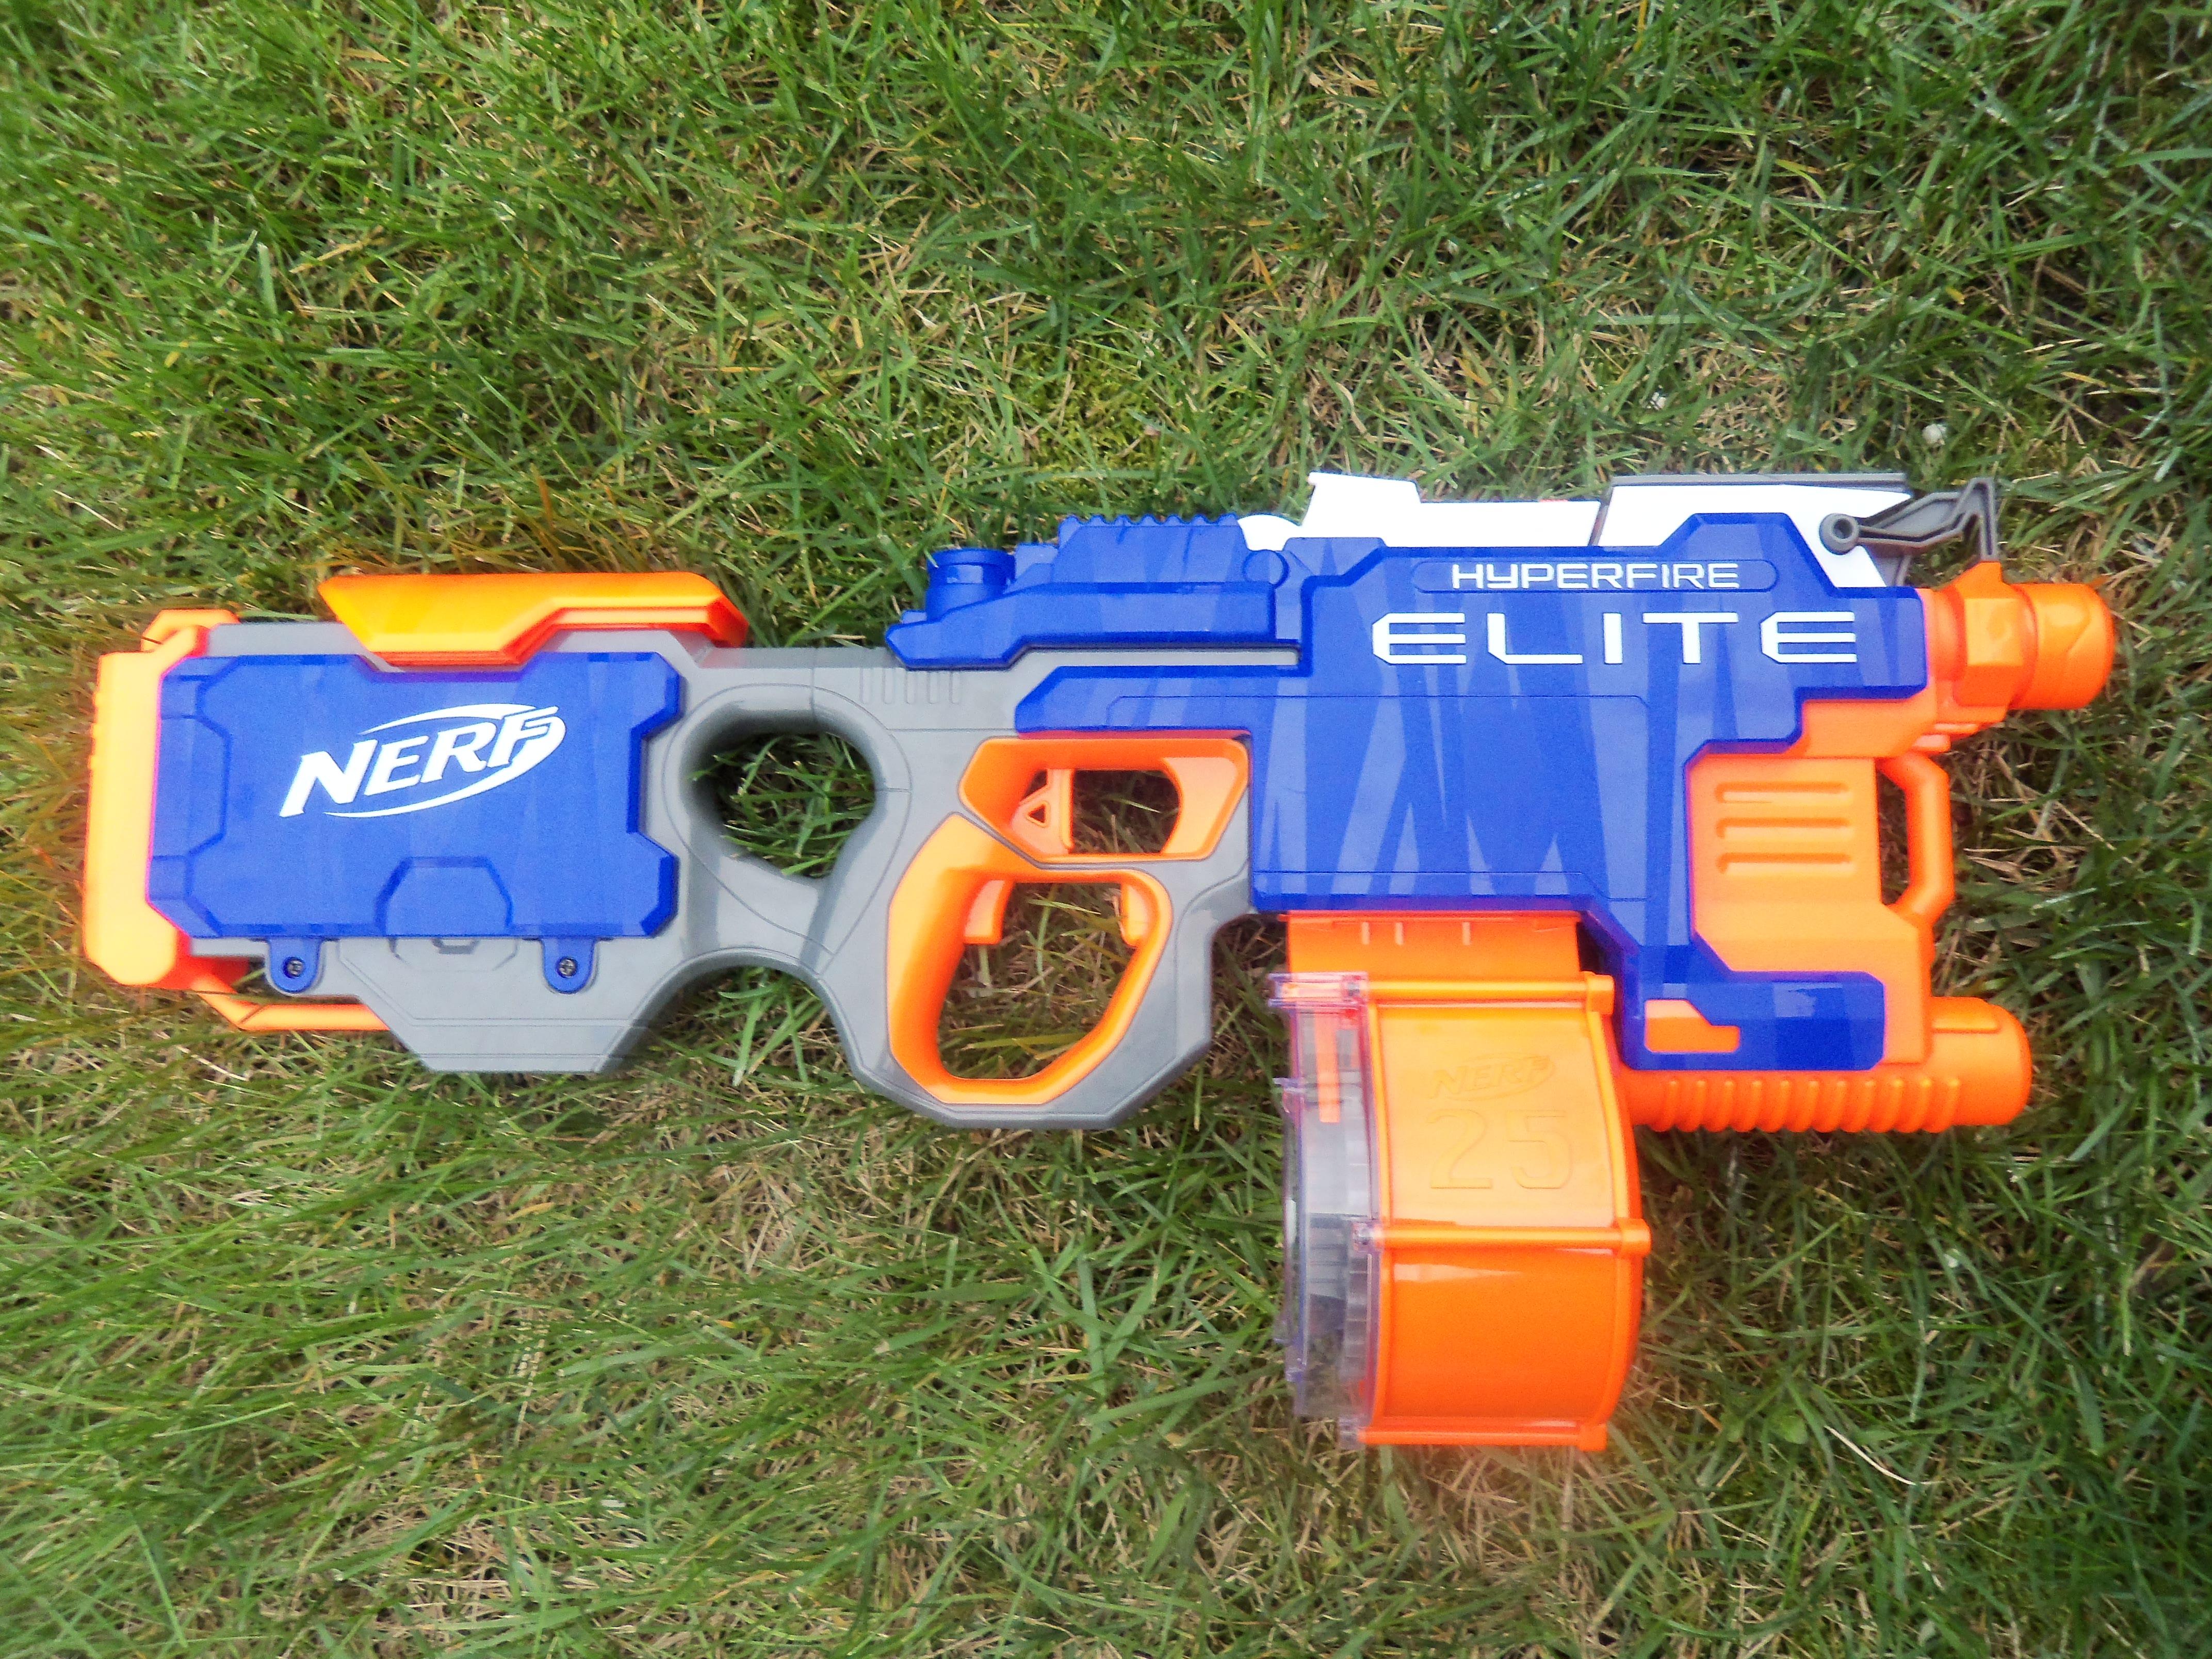 N-Strike Elite Hyper-Fire Blaster – nerf gun